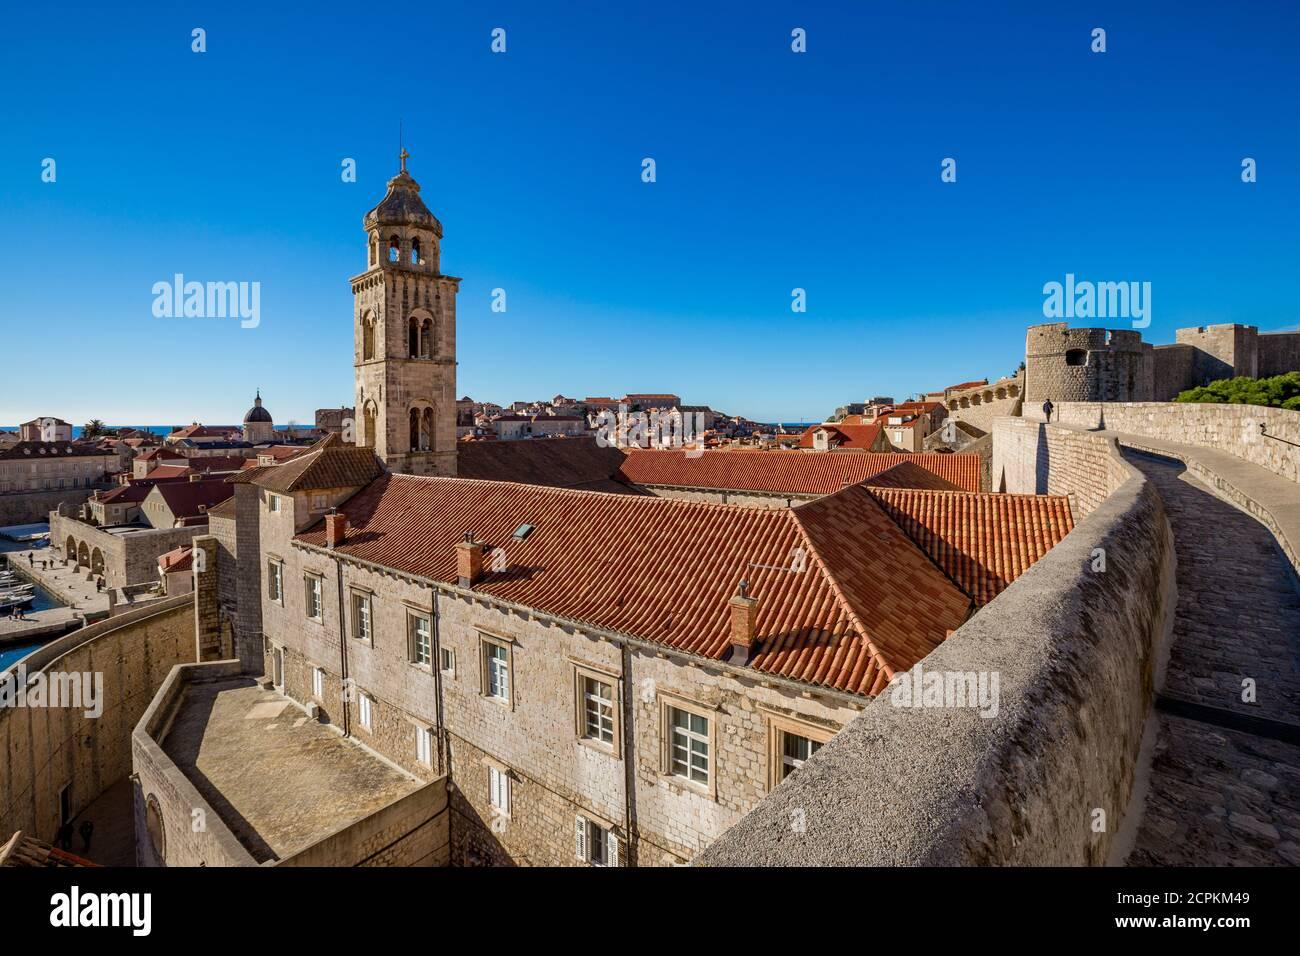 Colorido fortaleza calle escena de paseo, cielo claro día soleado. Torre de la iglesia, edificios de techos. Vista invernal de la ciudad vieja mediterránea de Dubrovnik, famoso viaje europeo y destino histórico, Croacia Foto de stock